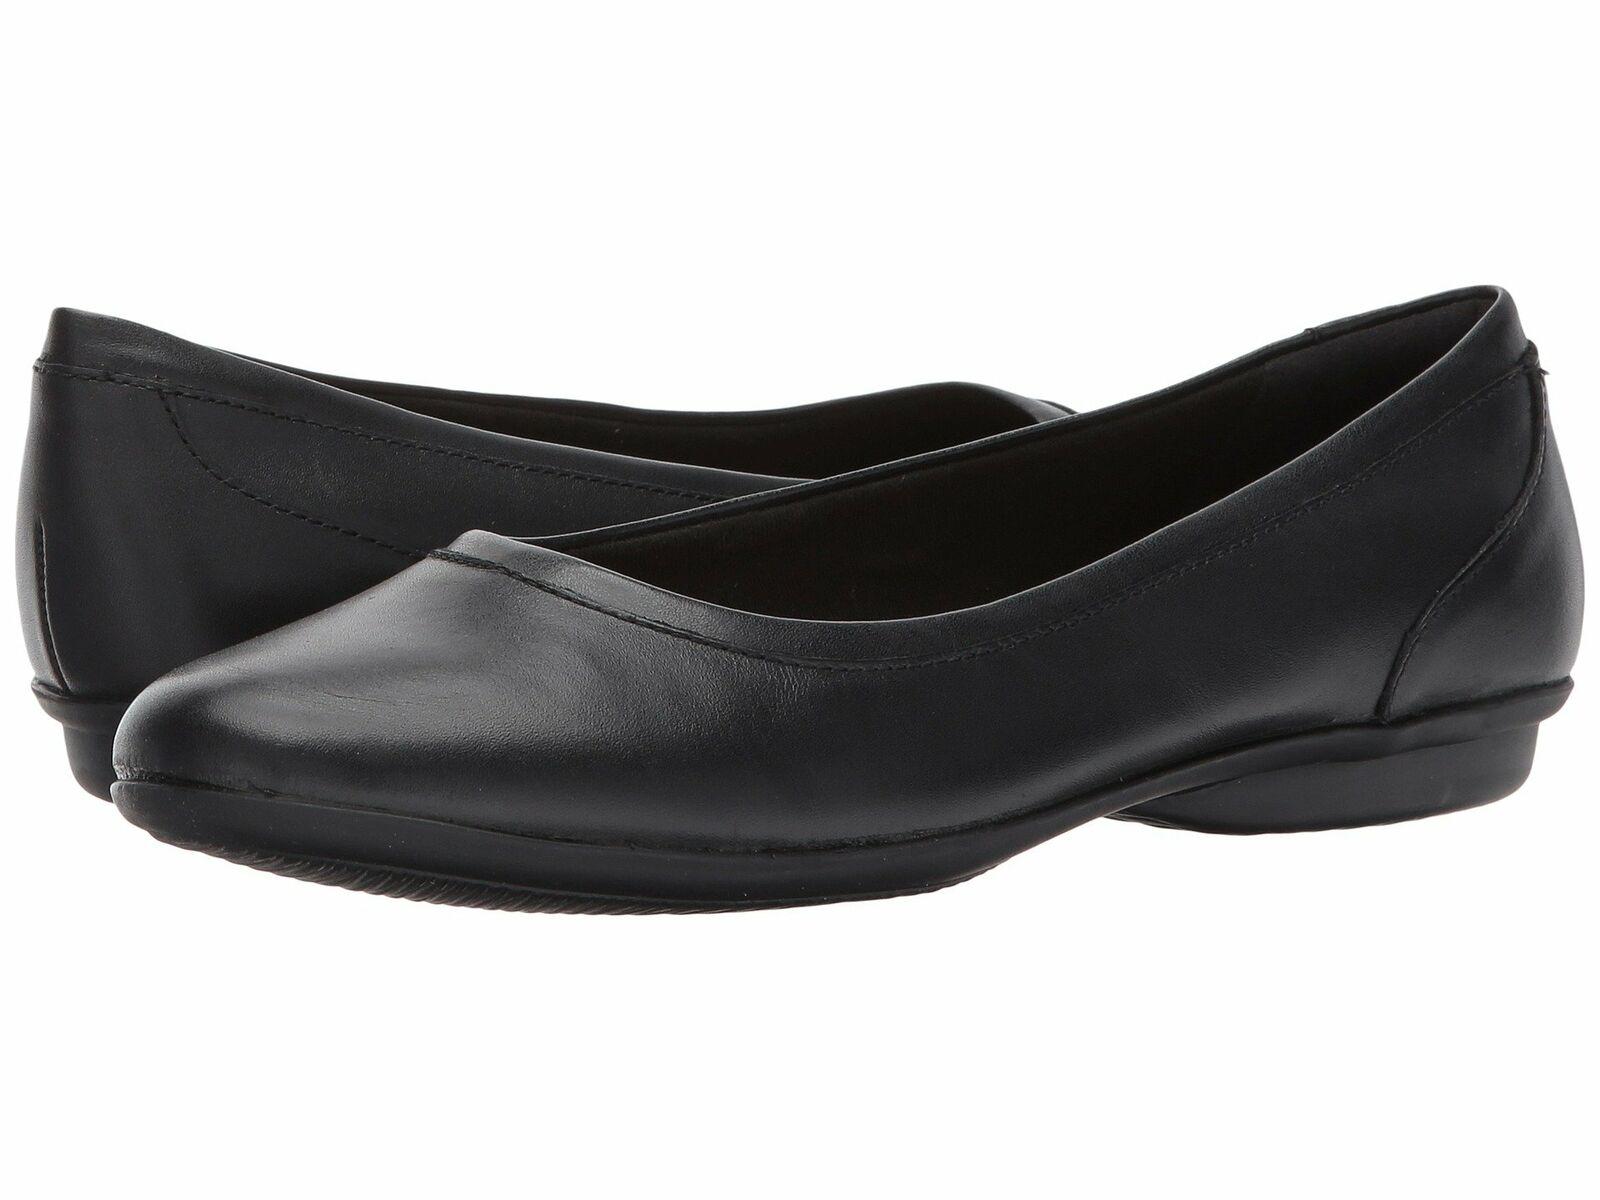 Clarks US 10 Eu 41.5 Damen Schwarz Slipper Gracelin Mara Form Flache Schuhe